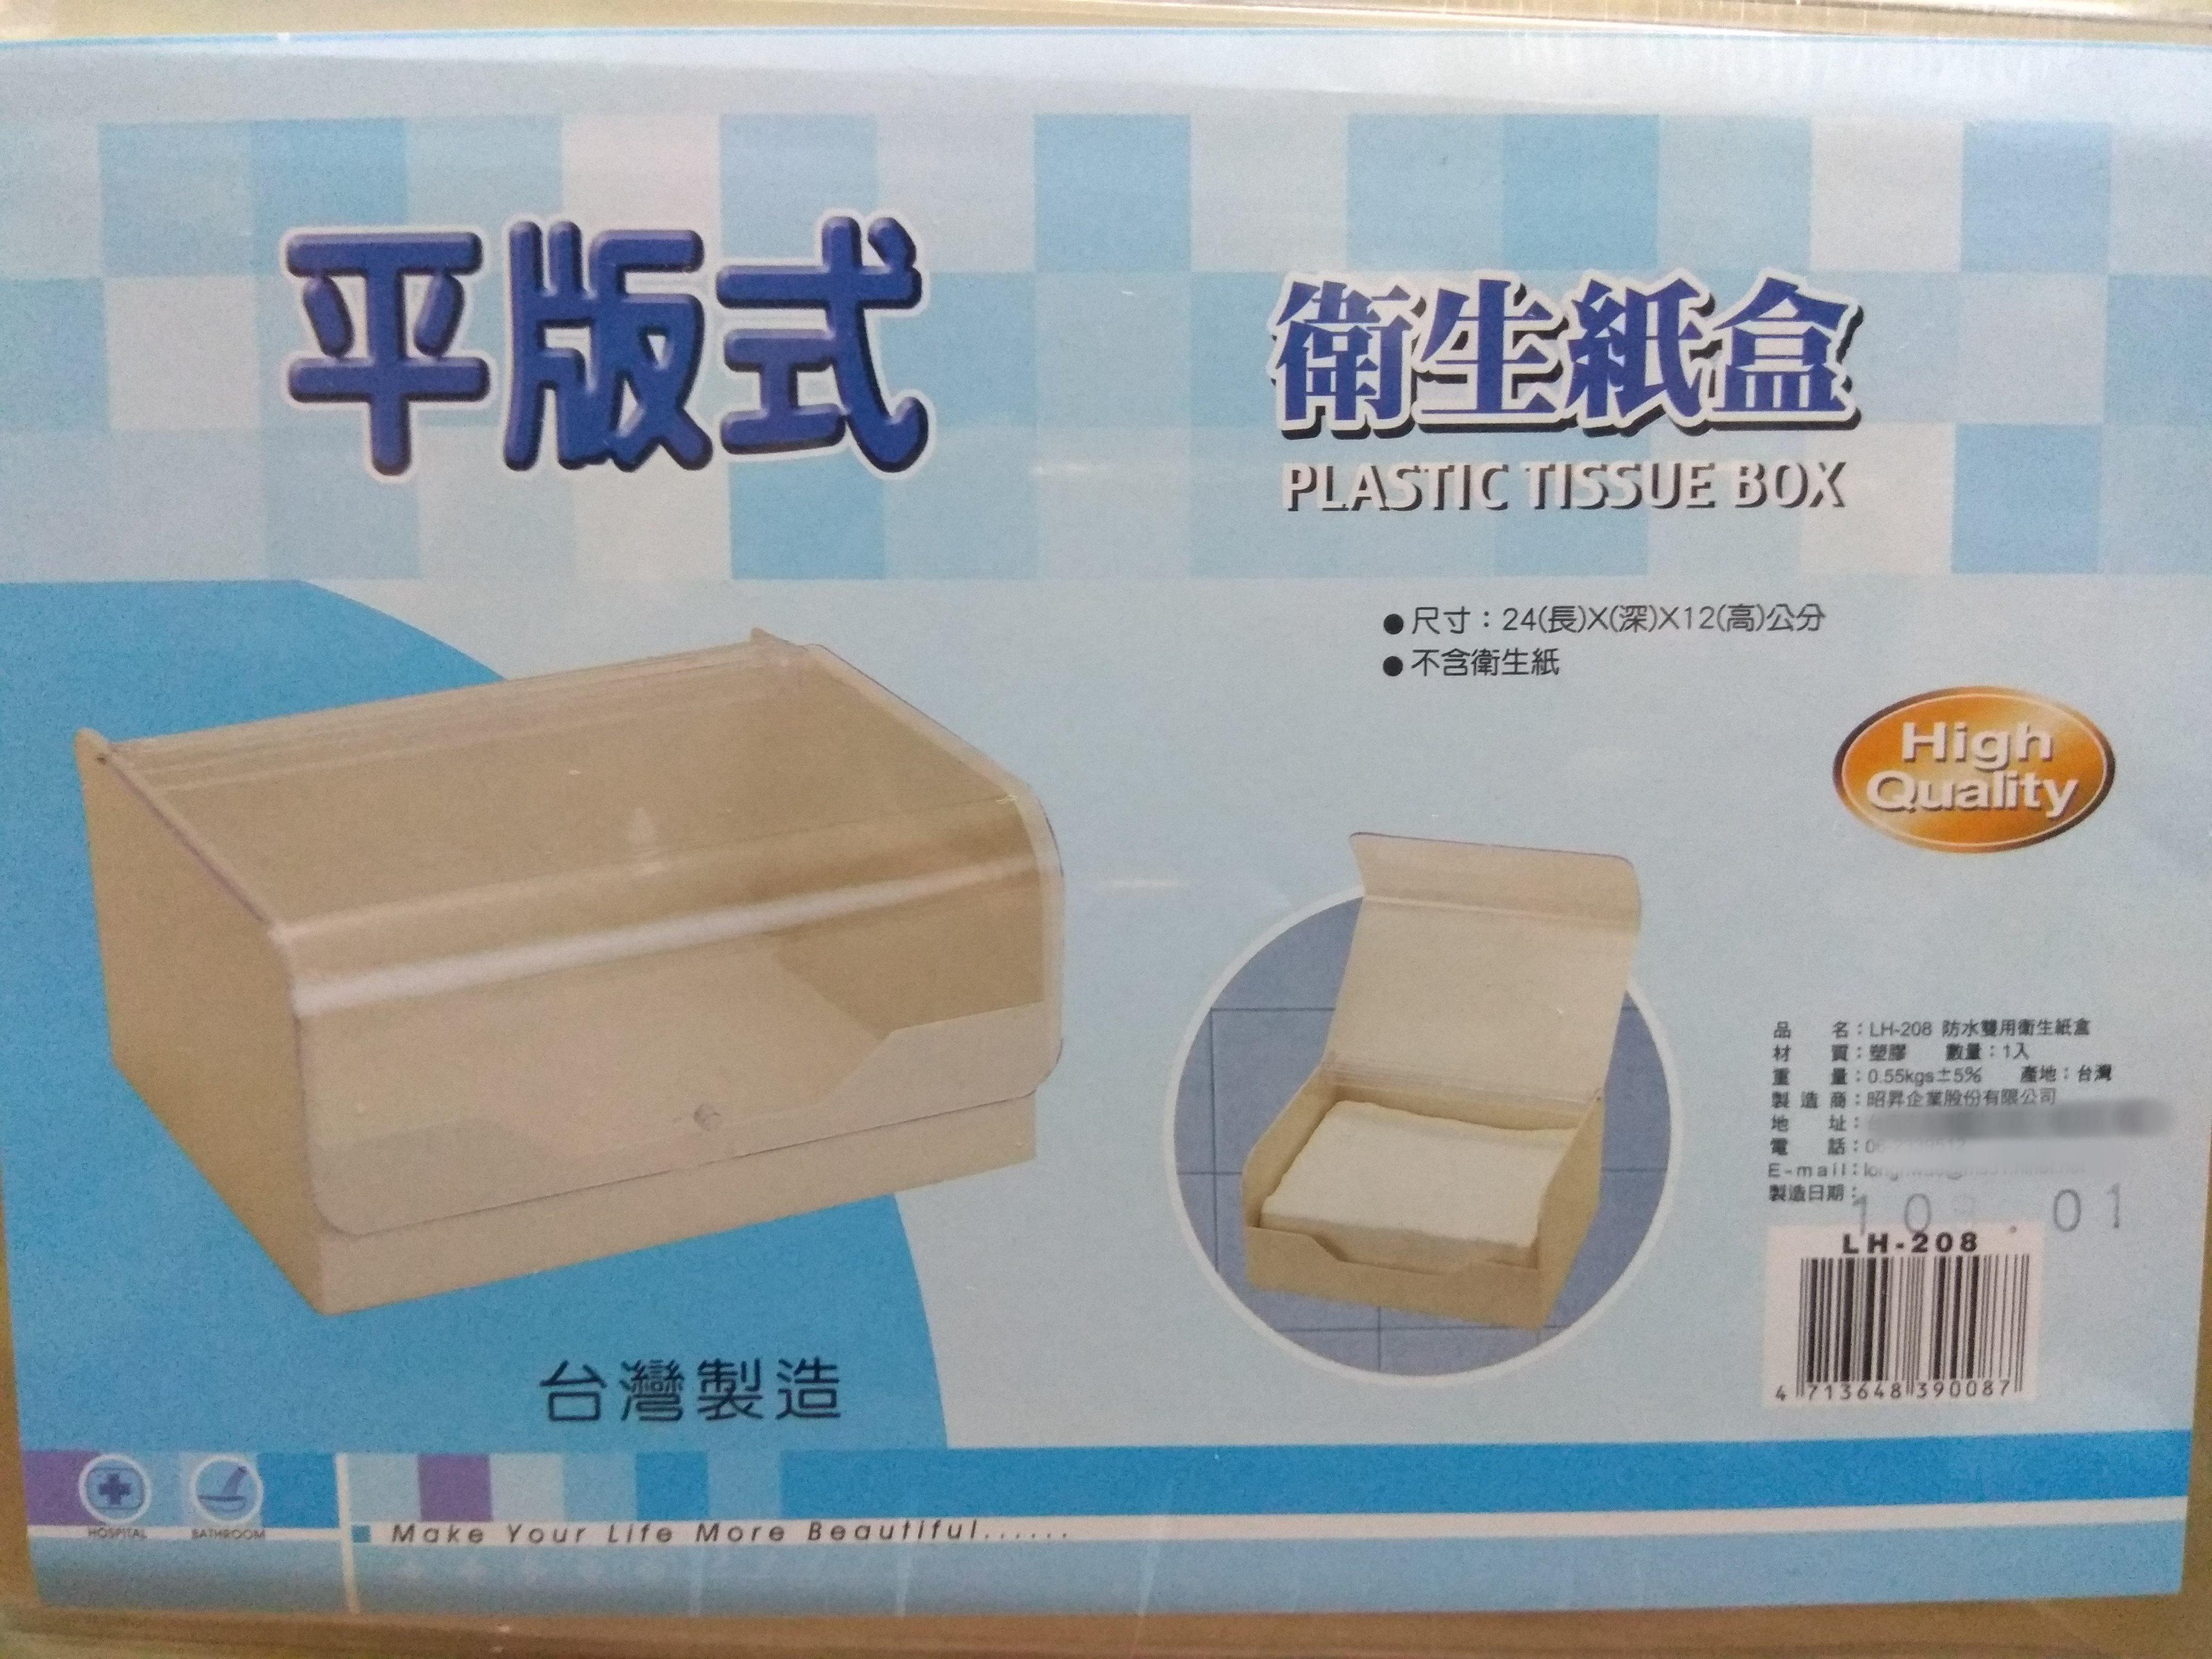 平版式衛生紙盒、抽取式面紙盒